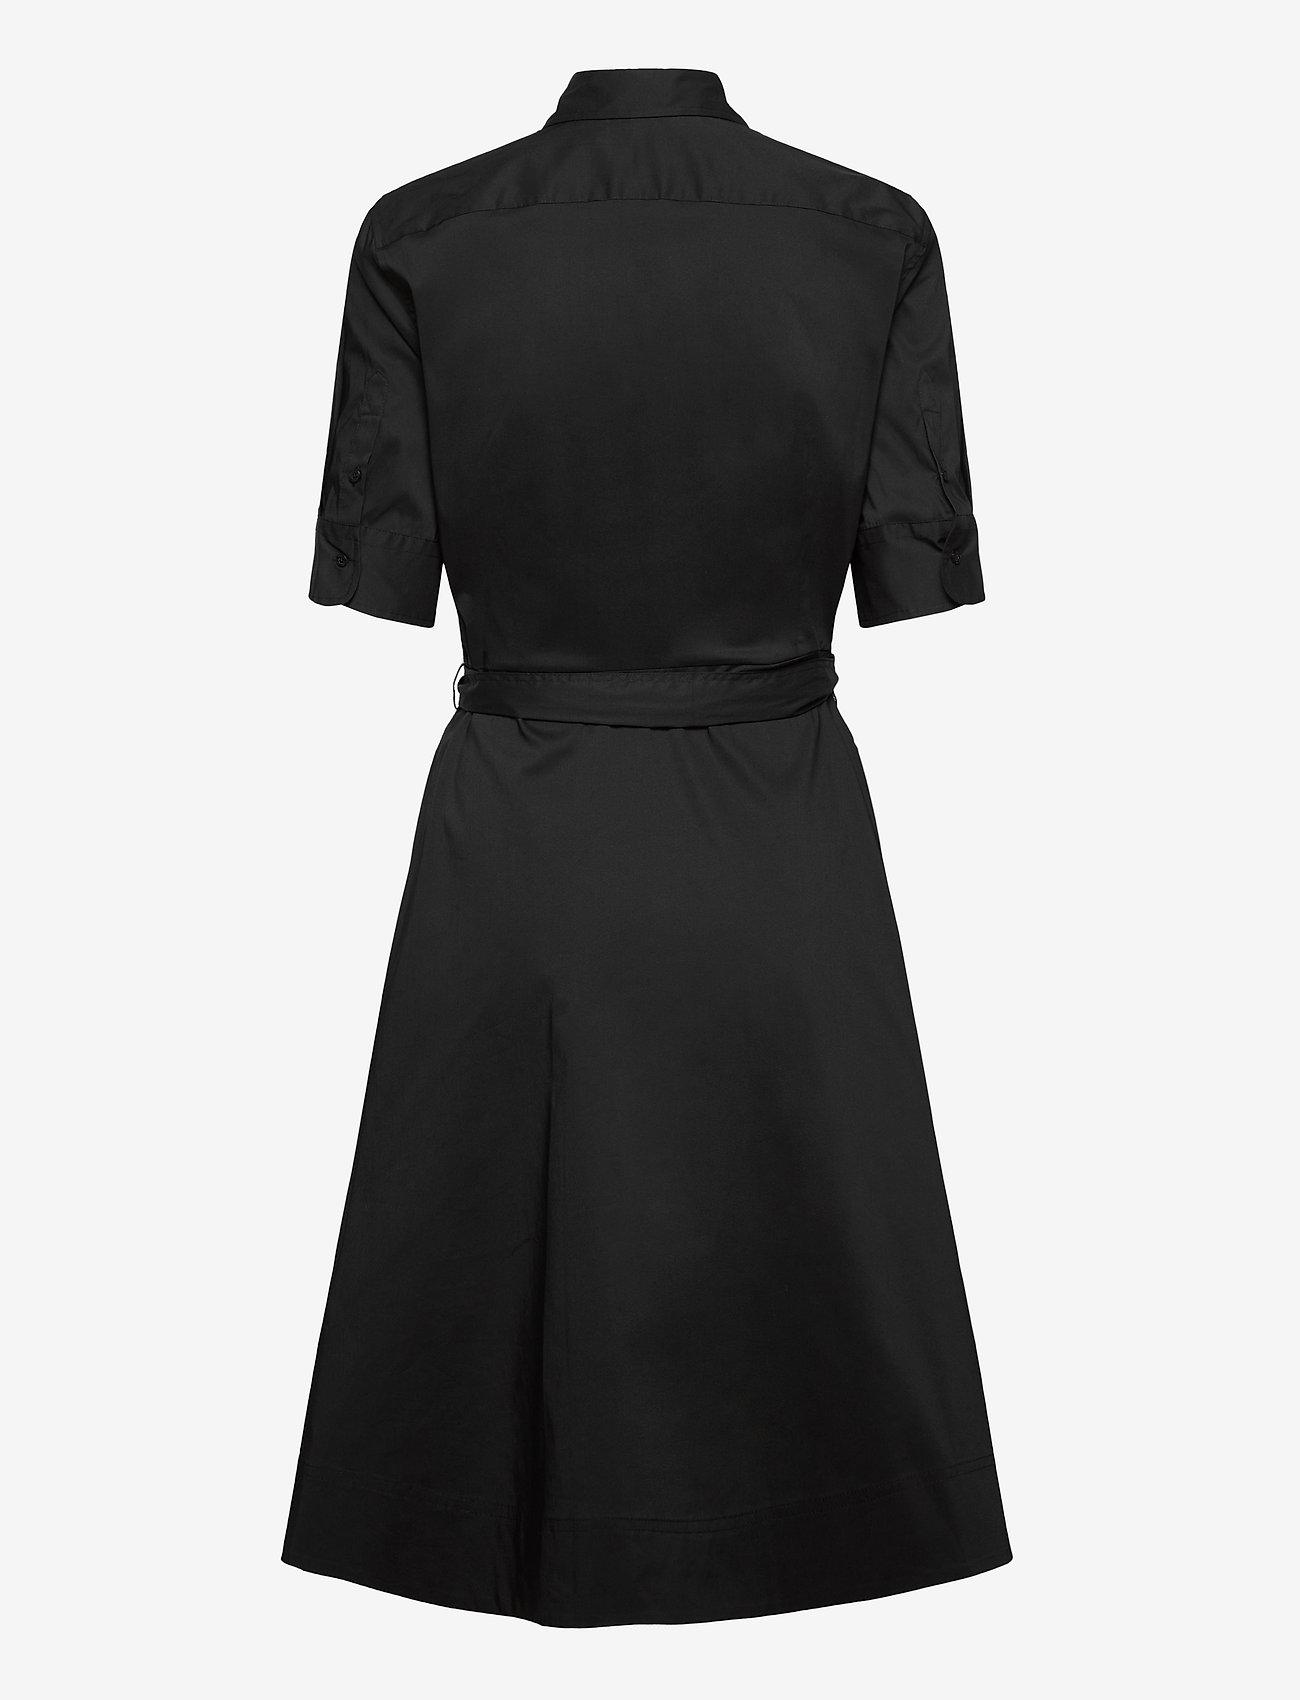 Lauren Ralph Lauren Belted Cotton-Blend Shirtdress - Kjoler BLACK - Dameklær Spesialtilbud